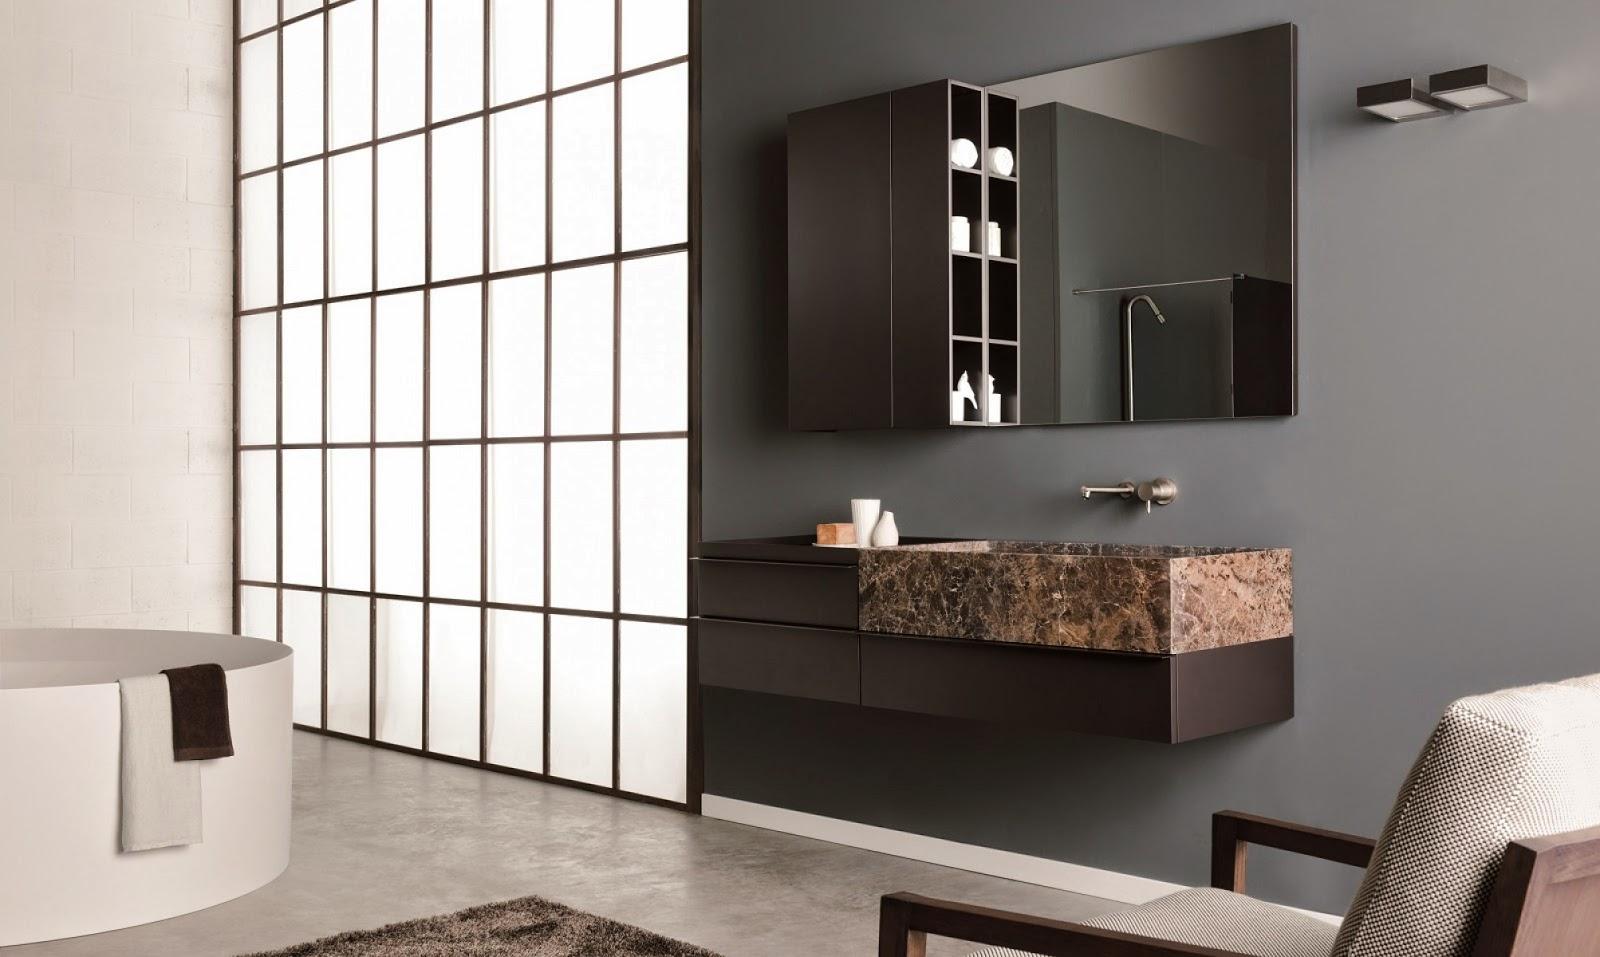 Lựa chọn khác với chiếc chậu rửa cẩm thạch nâu, truyền tải cảm giác ấm áp và sang trọng